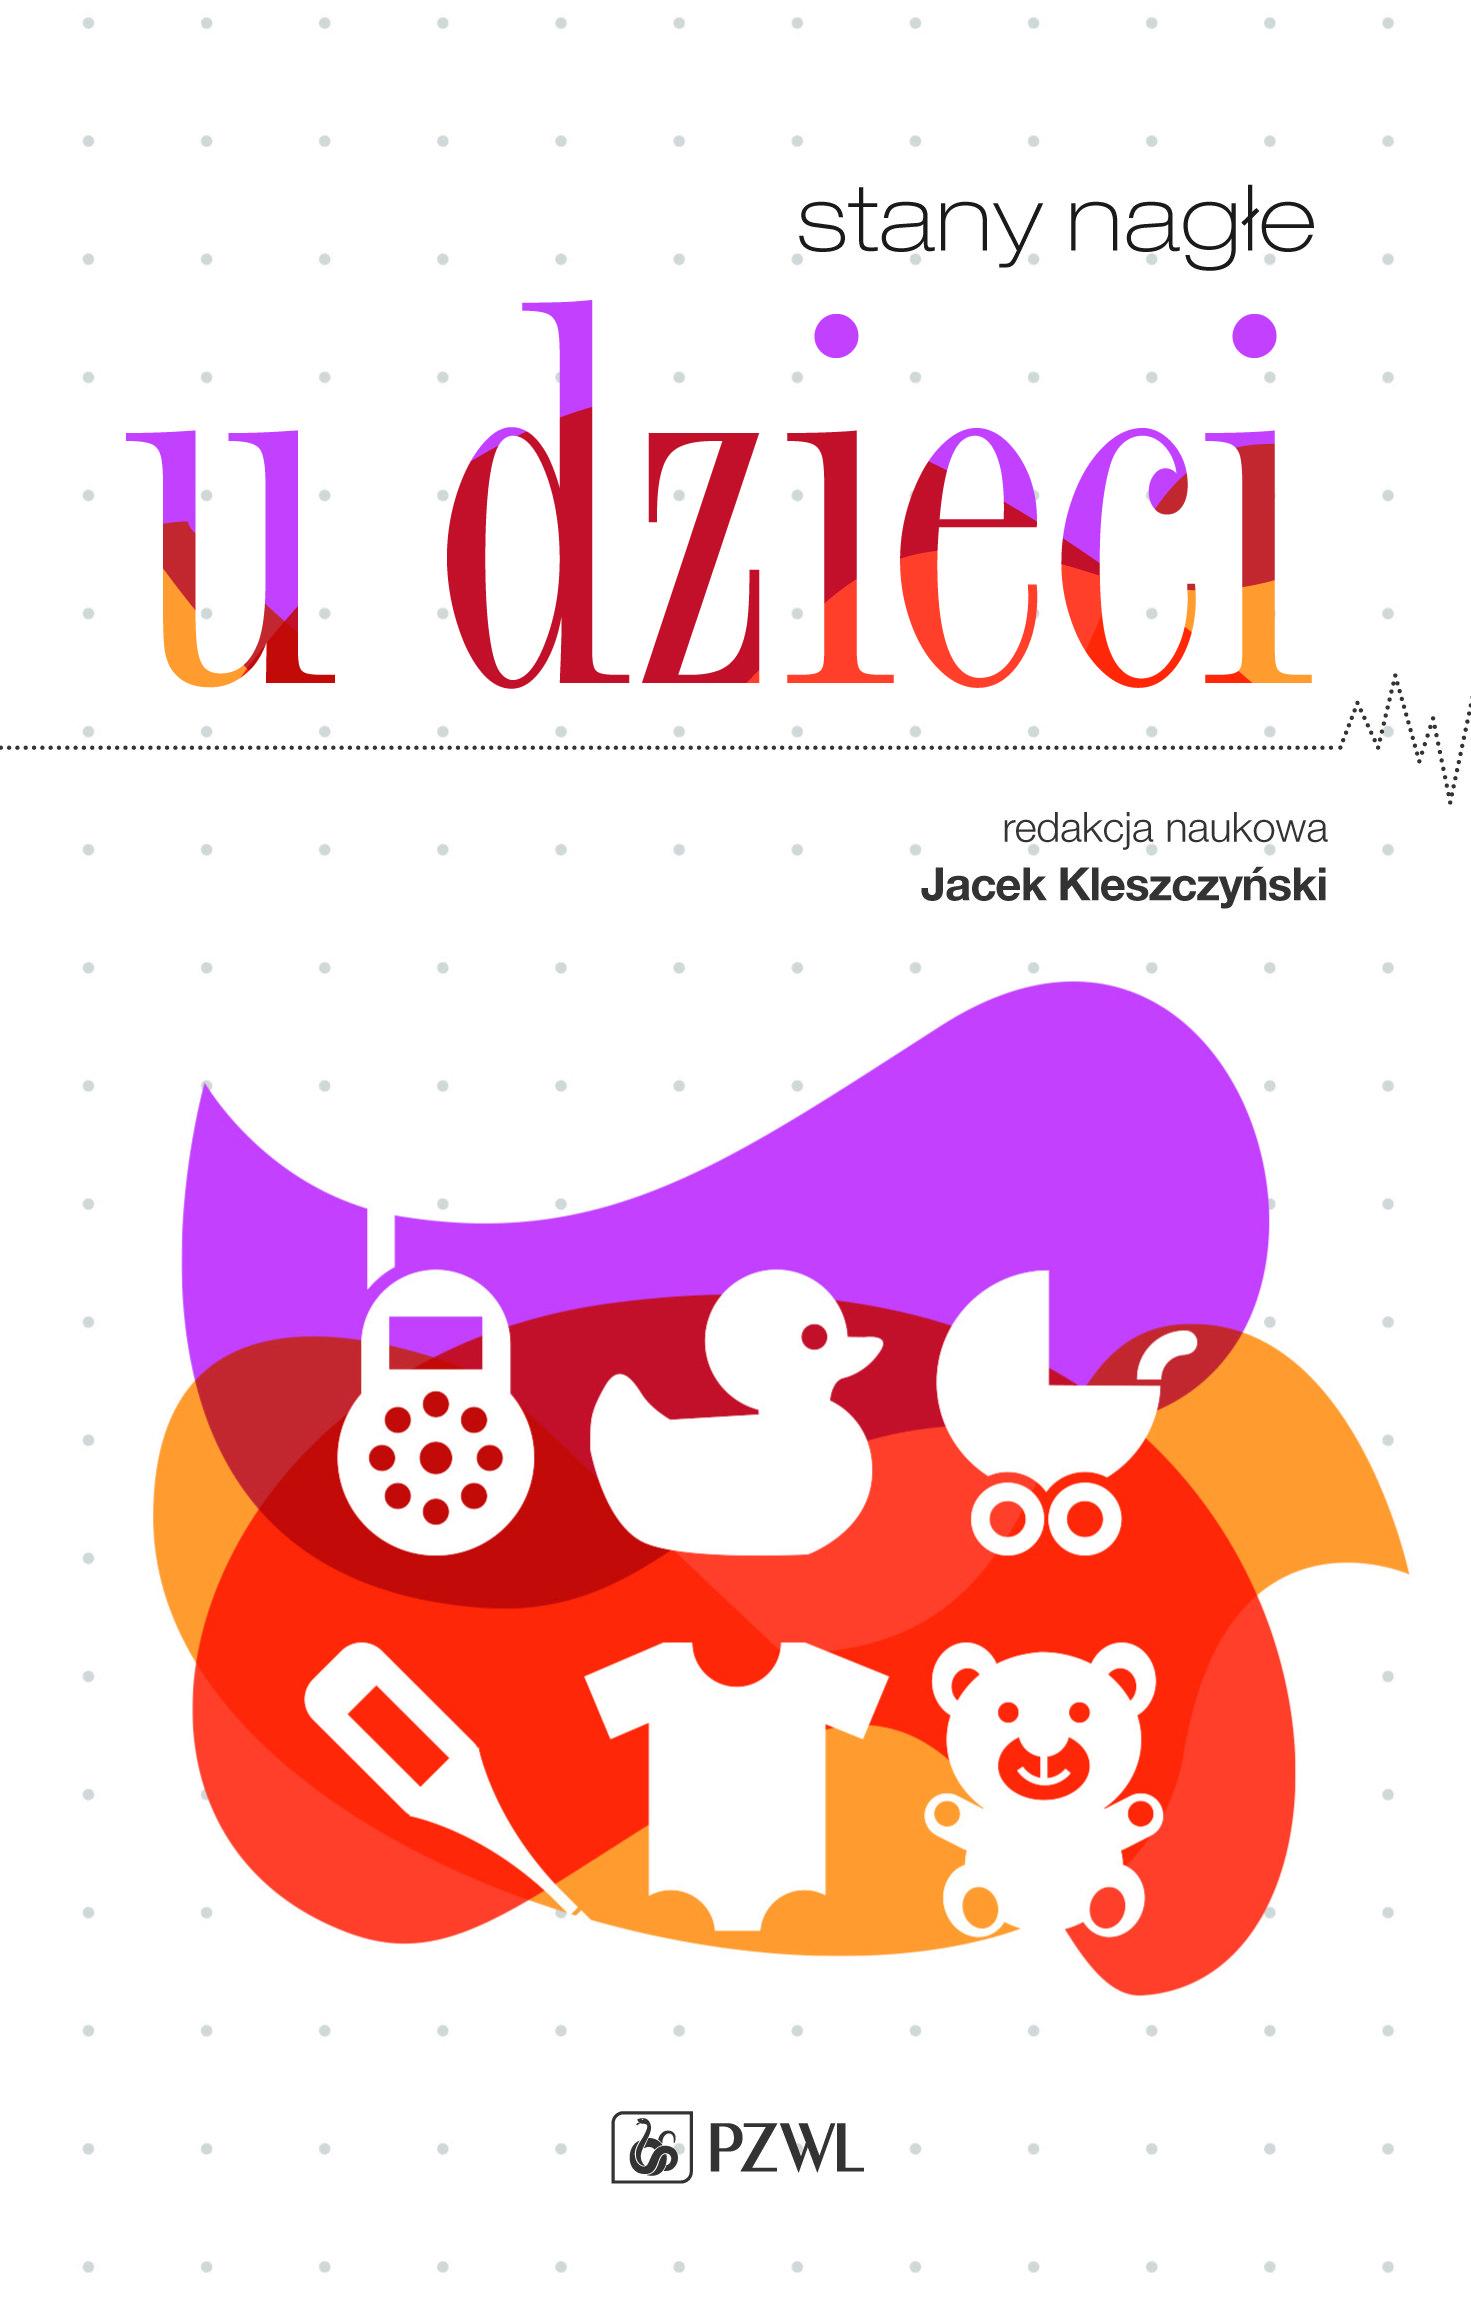 Stany nagłe u dzieci - książka przekazuje jak udzielać pomocy dzieciom